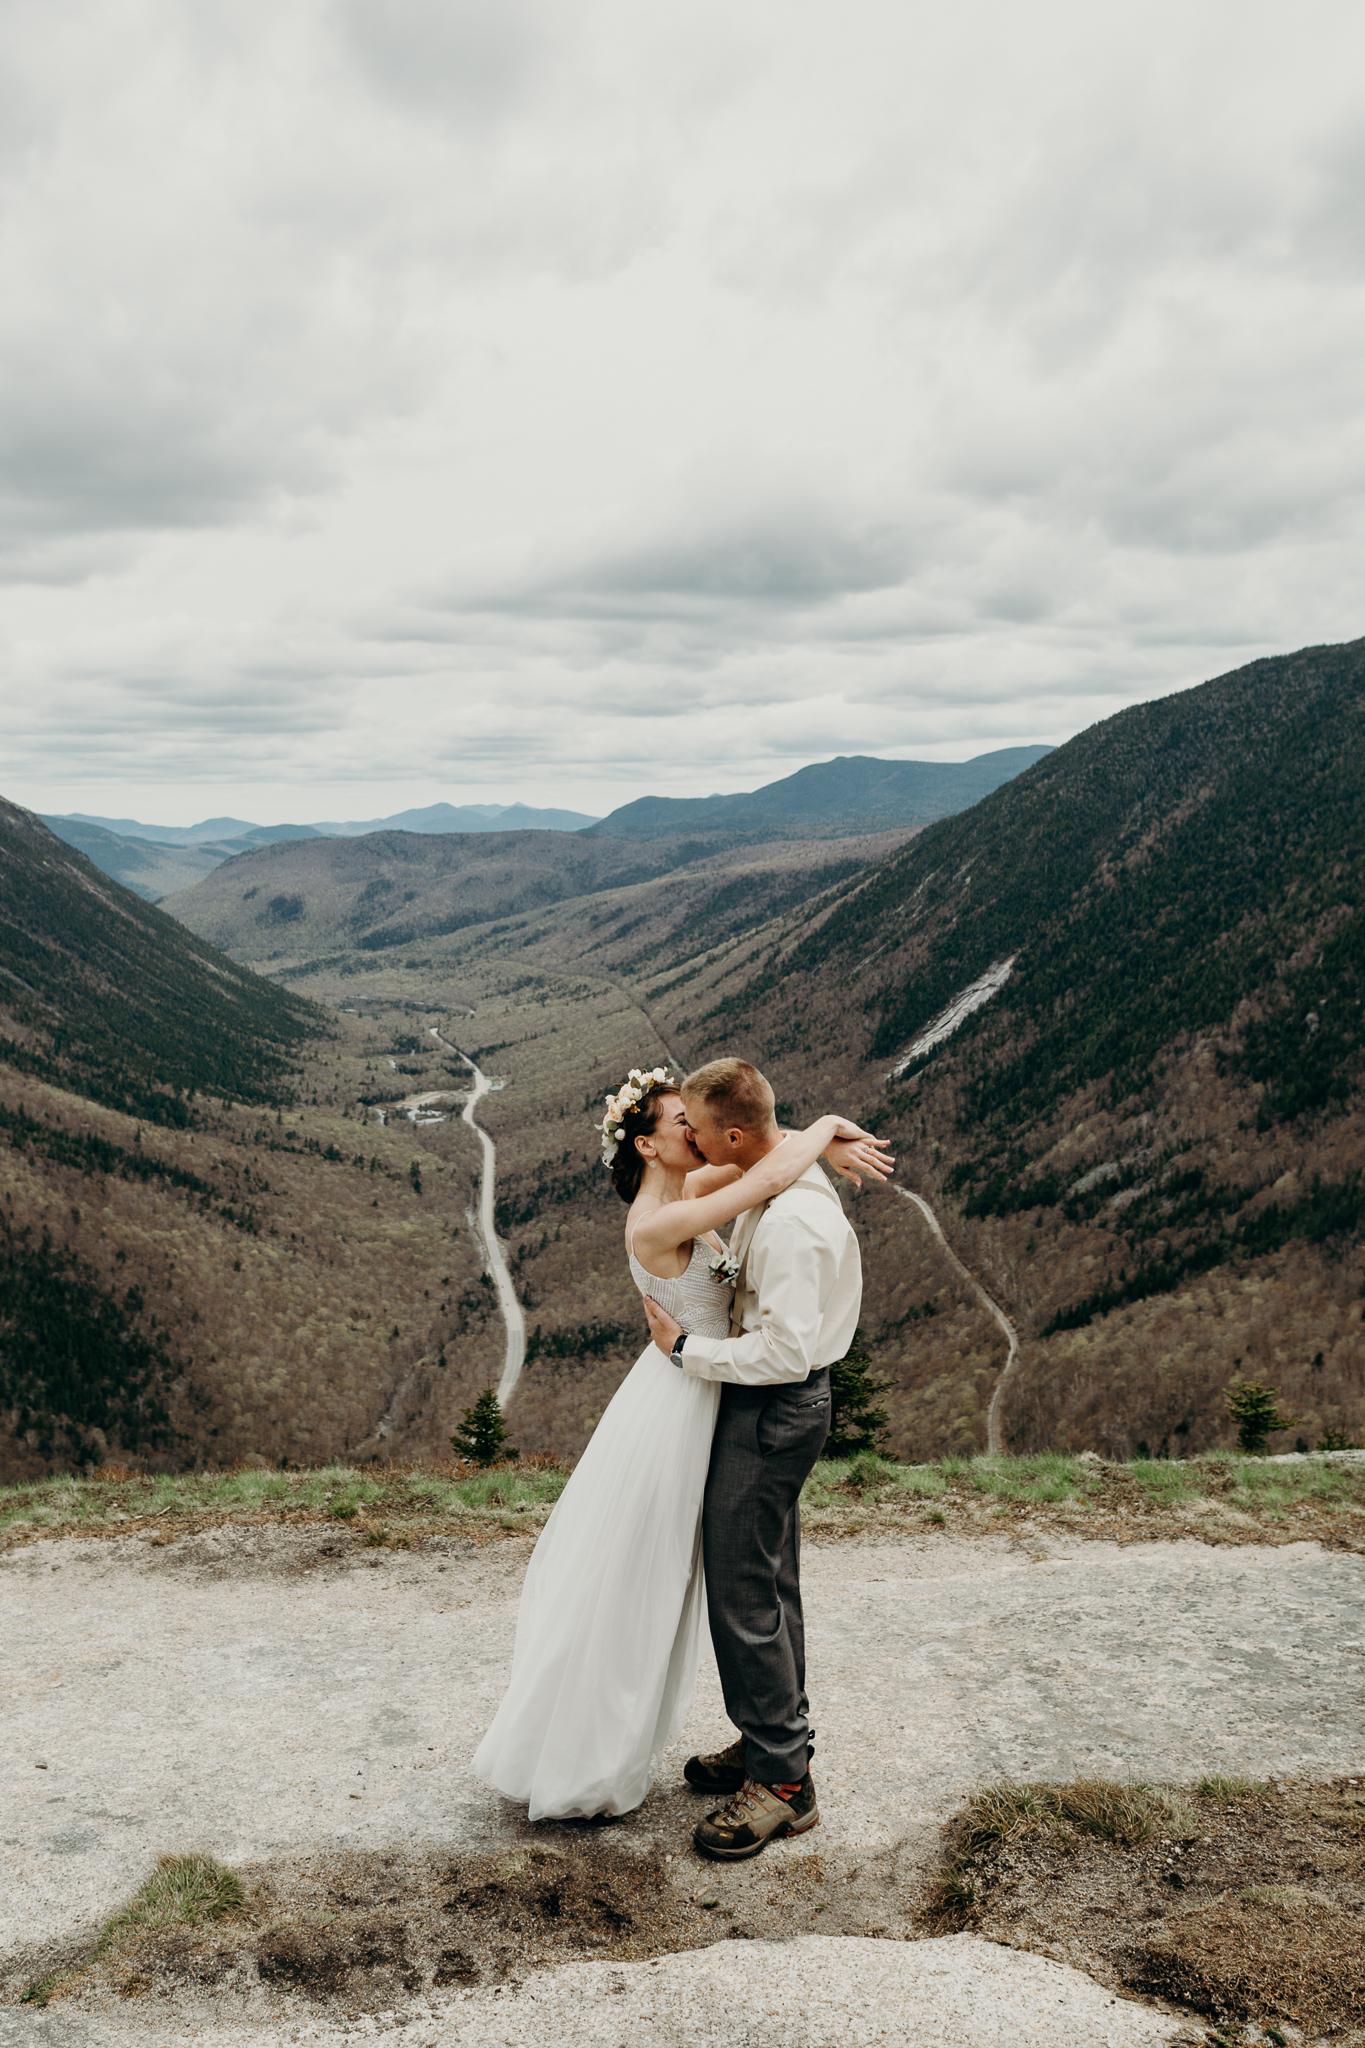 LarueElopementerinwheatco-4064 Mount Willard Elopement | Calib & Scotlyn